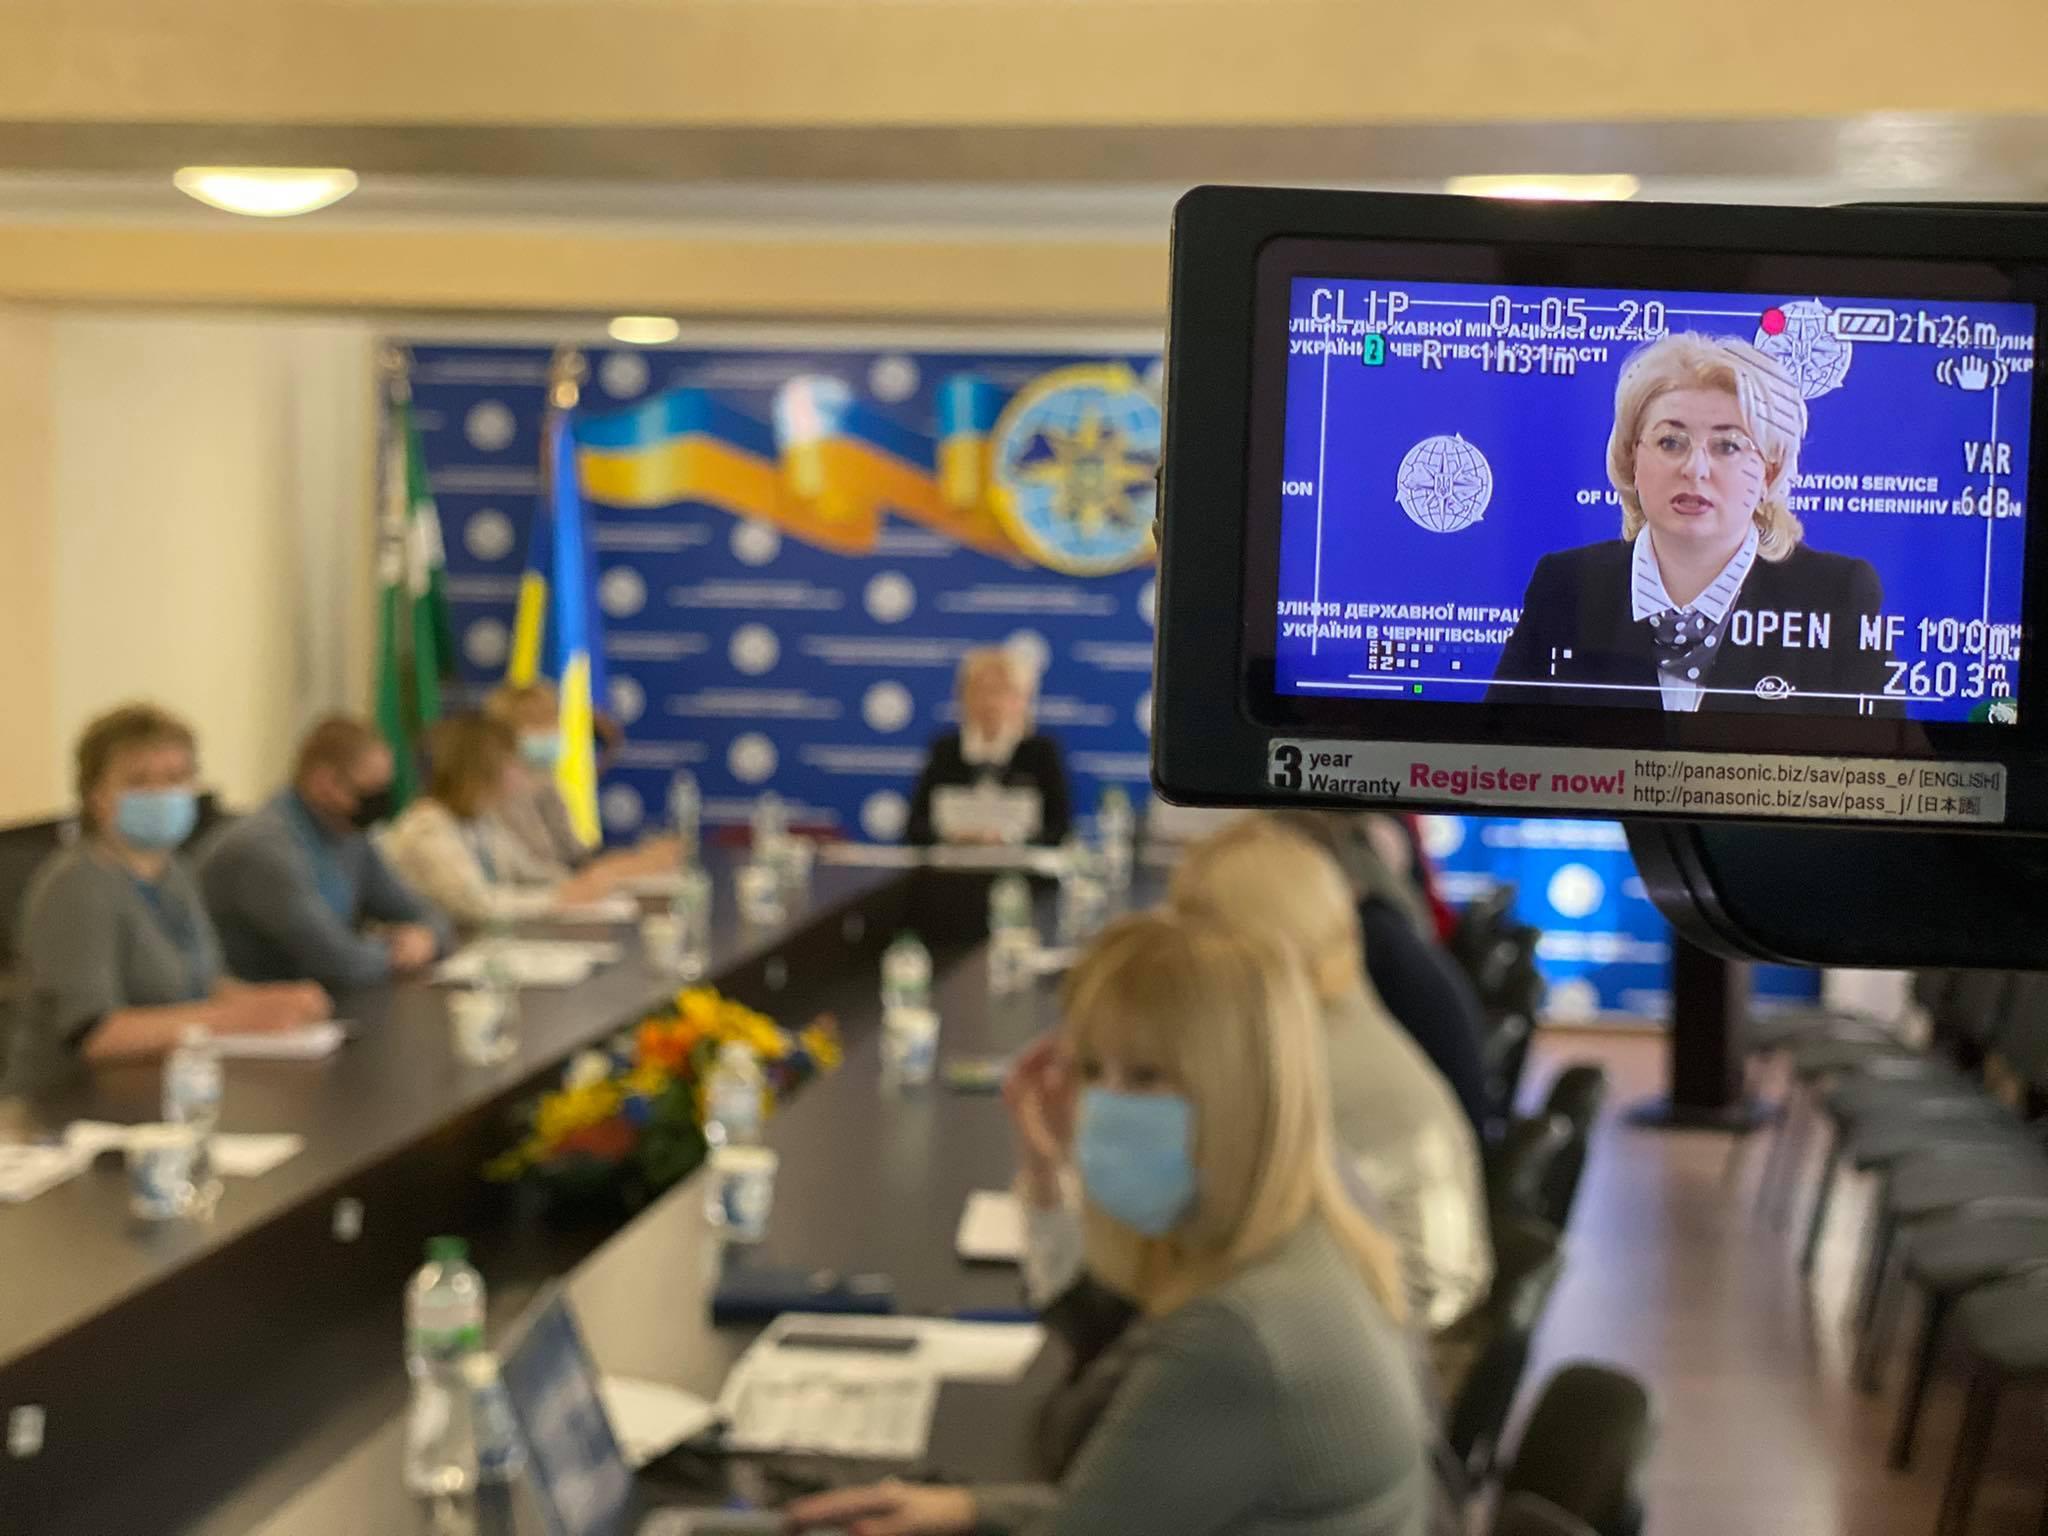 Нові сучасні сервіси та доступність для усіх: в Управлінні Державної міграційної служби підбили підсумки 2020 року